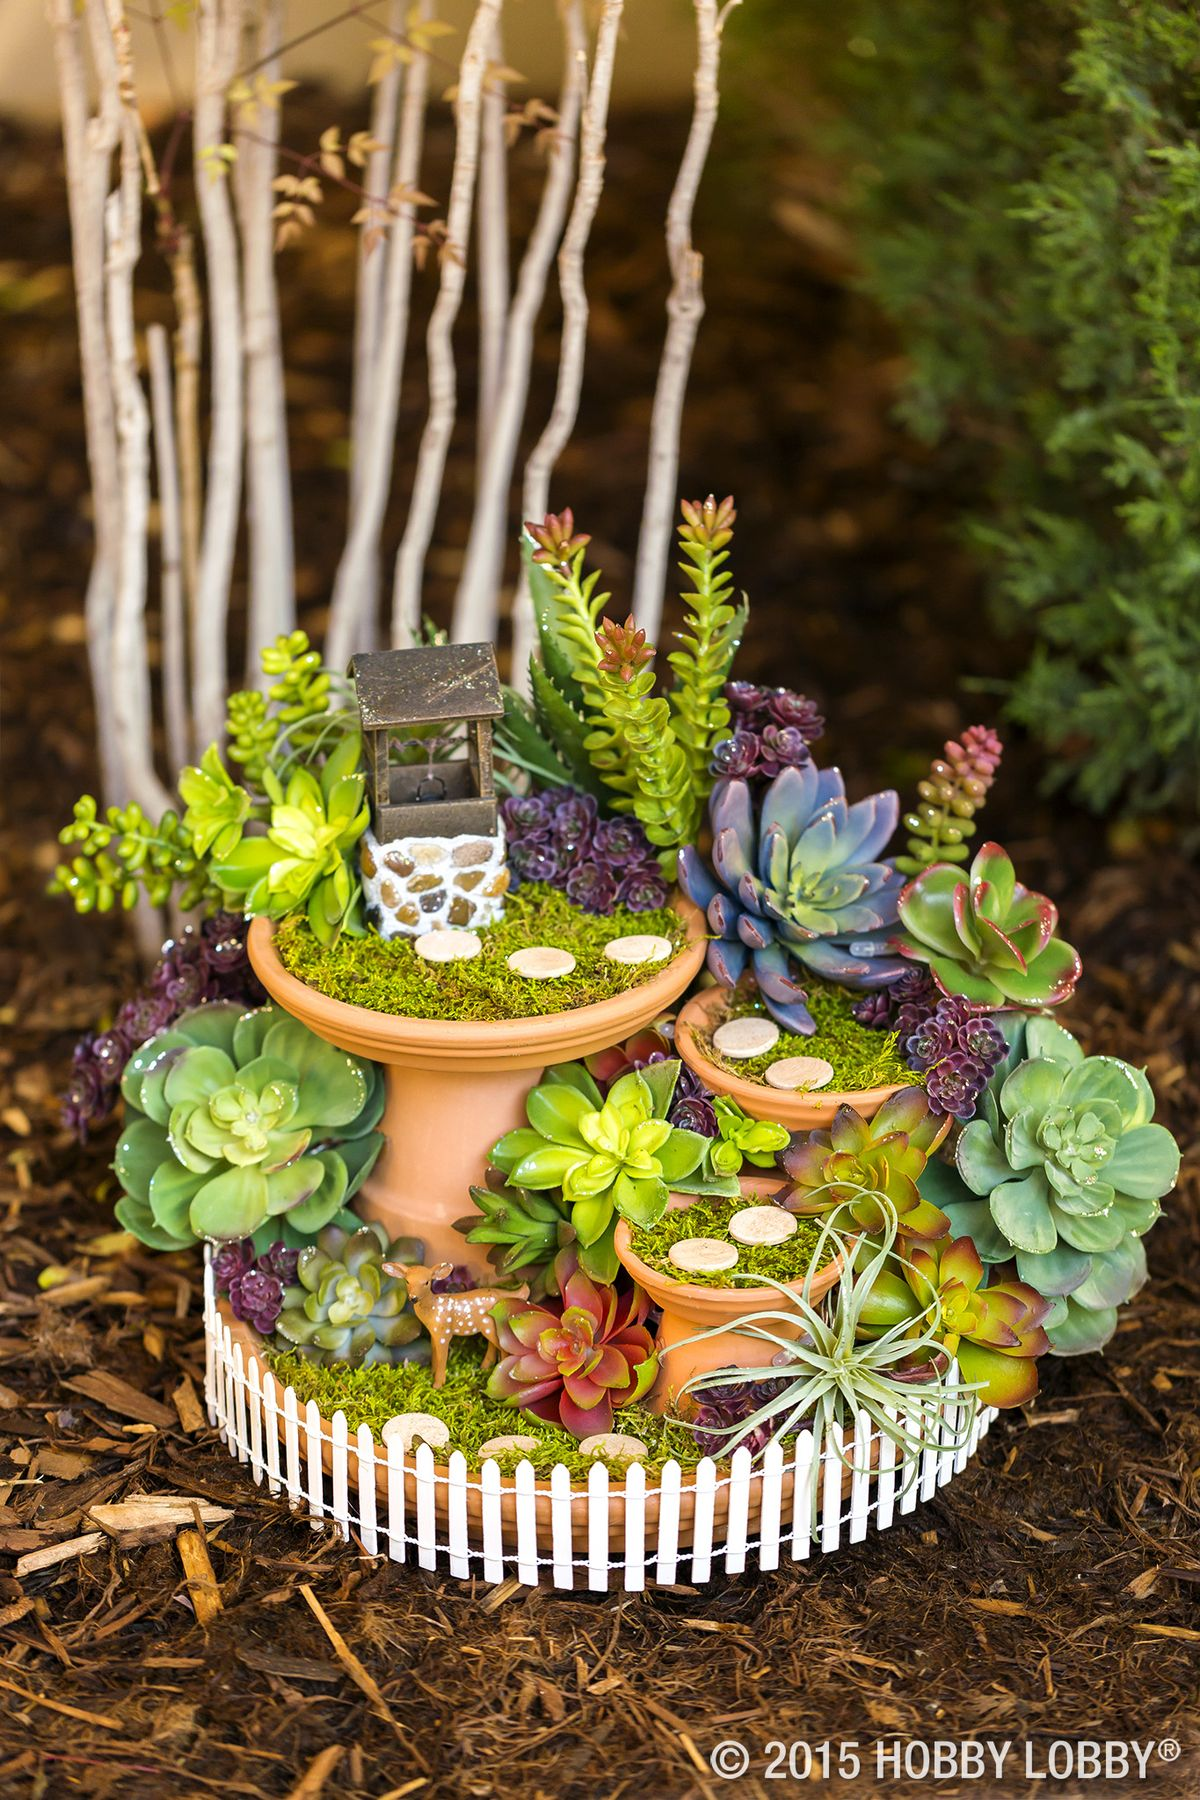 Fancy A Quiet Diy Fairy Garden Wishing Well Diy Miniature Fairy Garden Ideas 2018 Fairy Garden Items Fairy Garden Ideas garden Christmas Fairy Garden Ideas